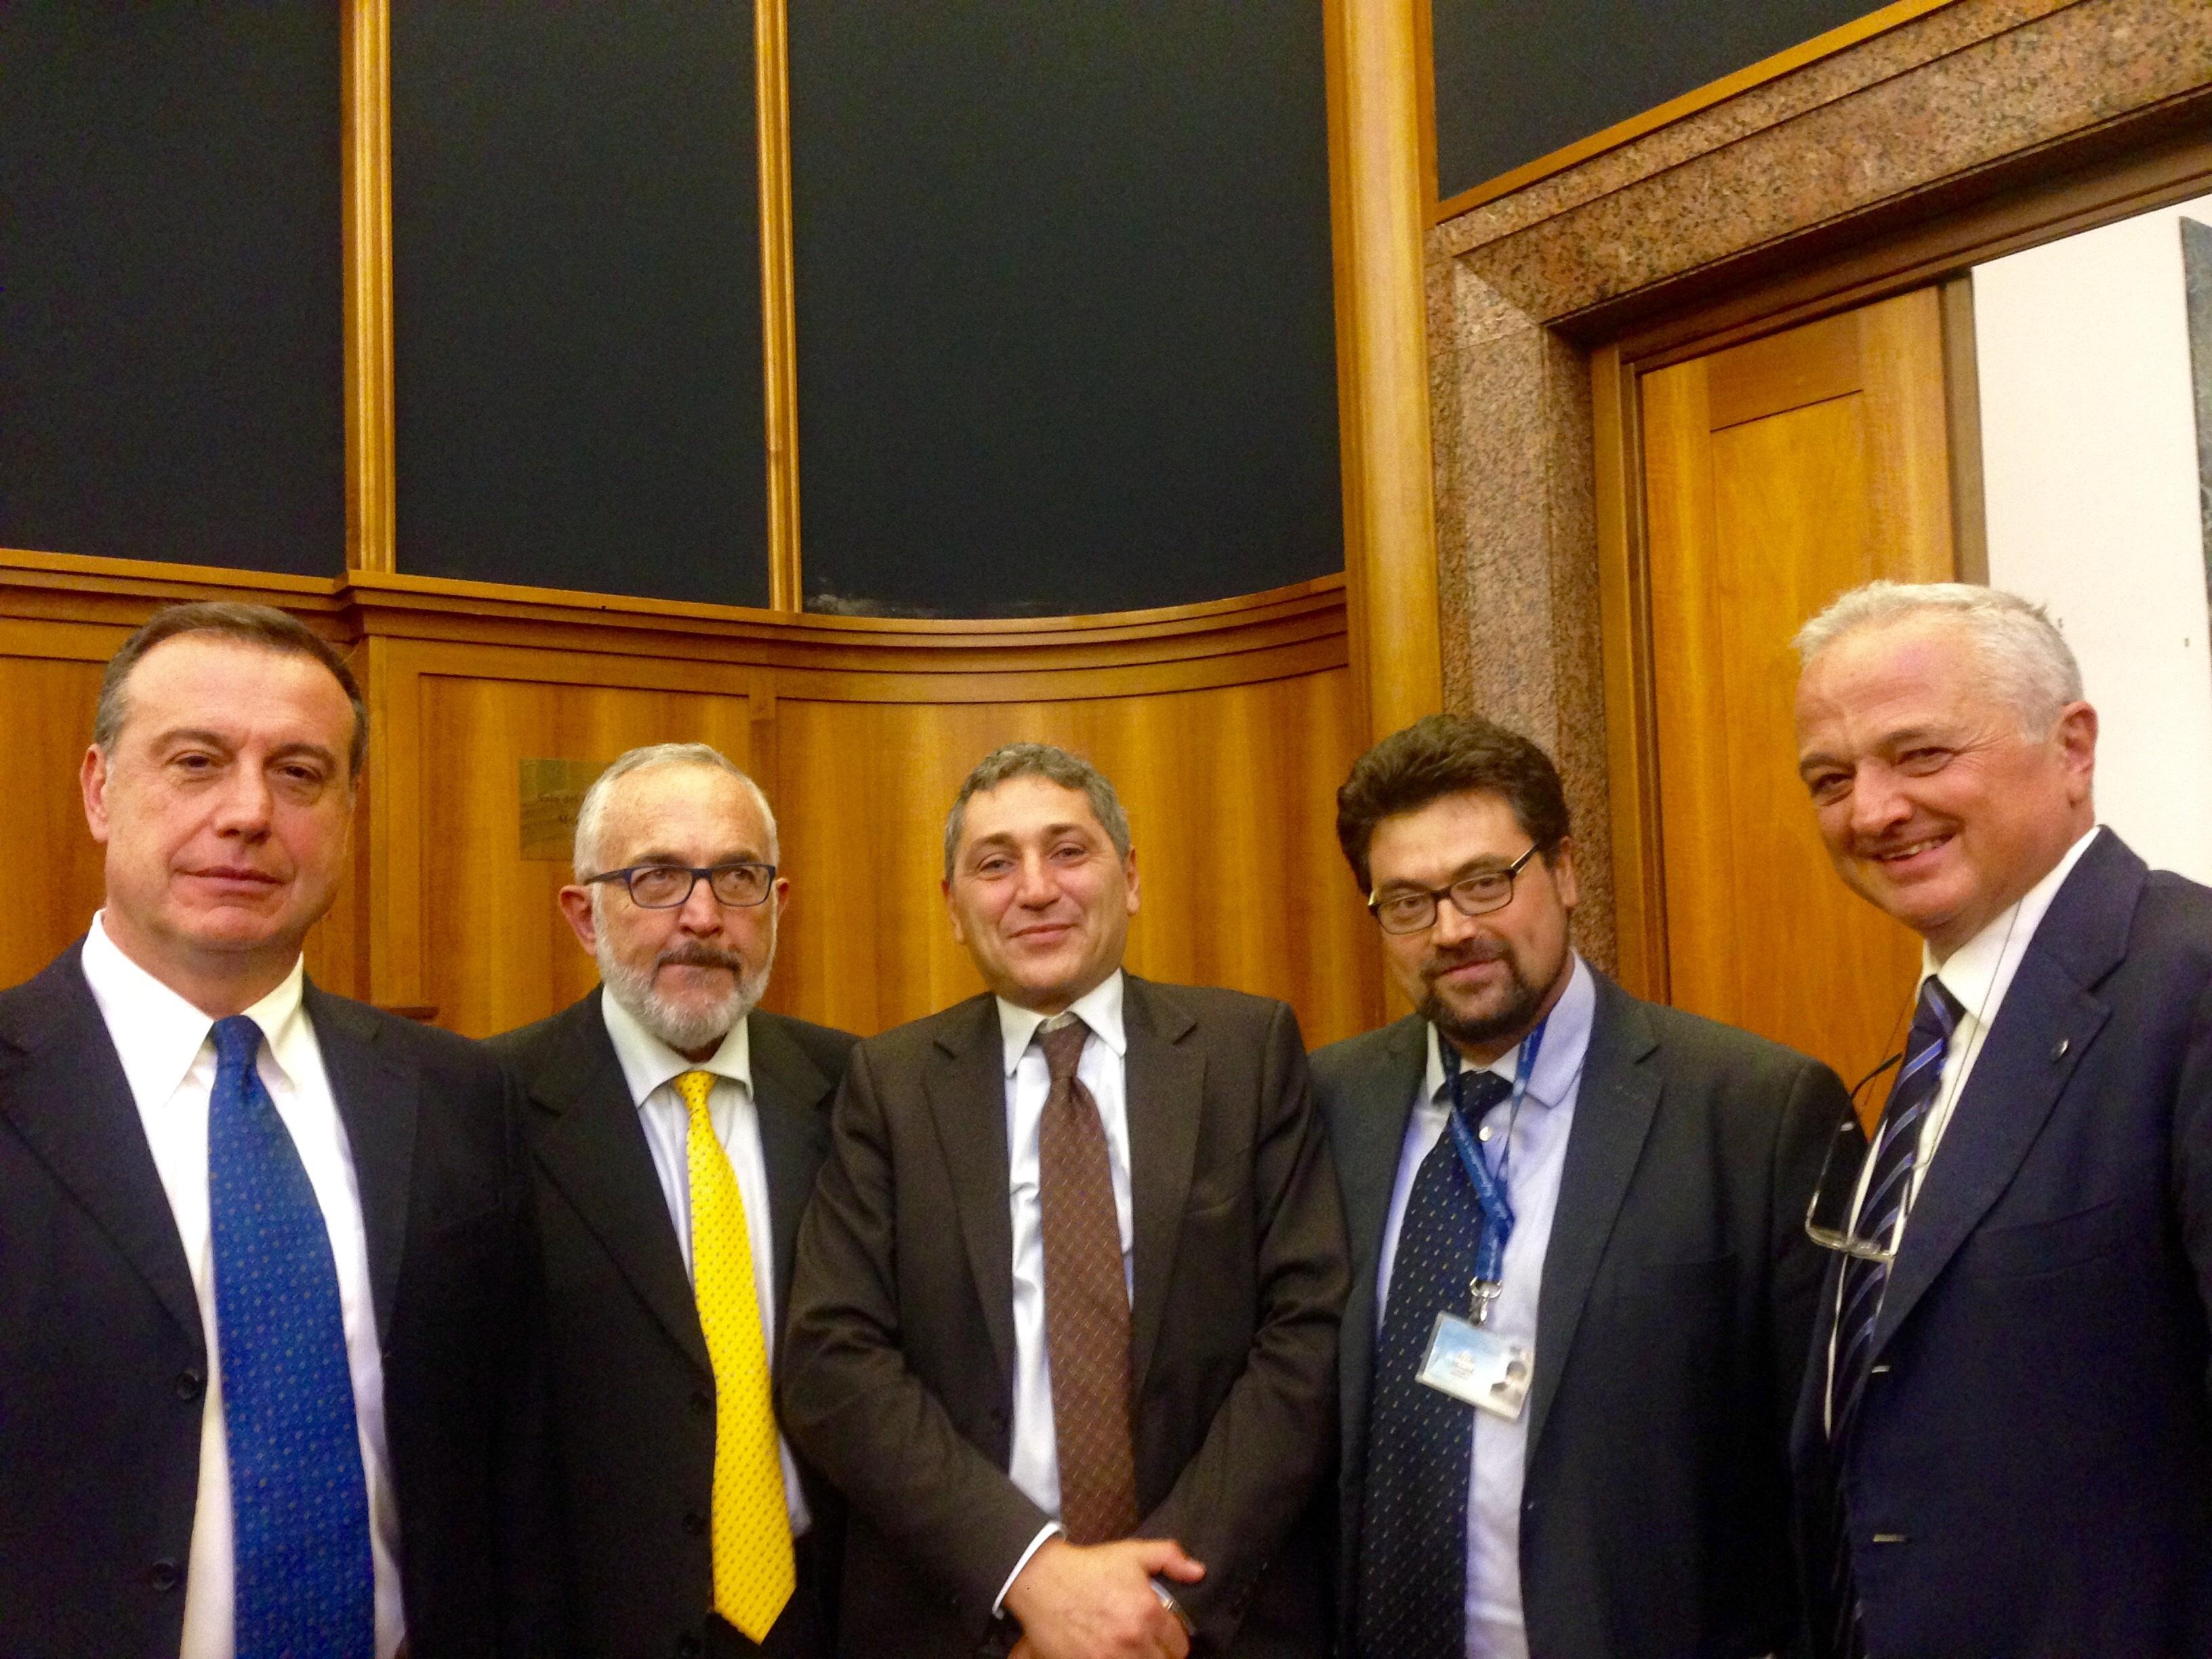 Da sinistra: Sessa, Ievolella, Occhiuzzi, Renzi e Cosenza